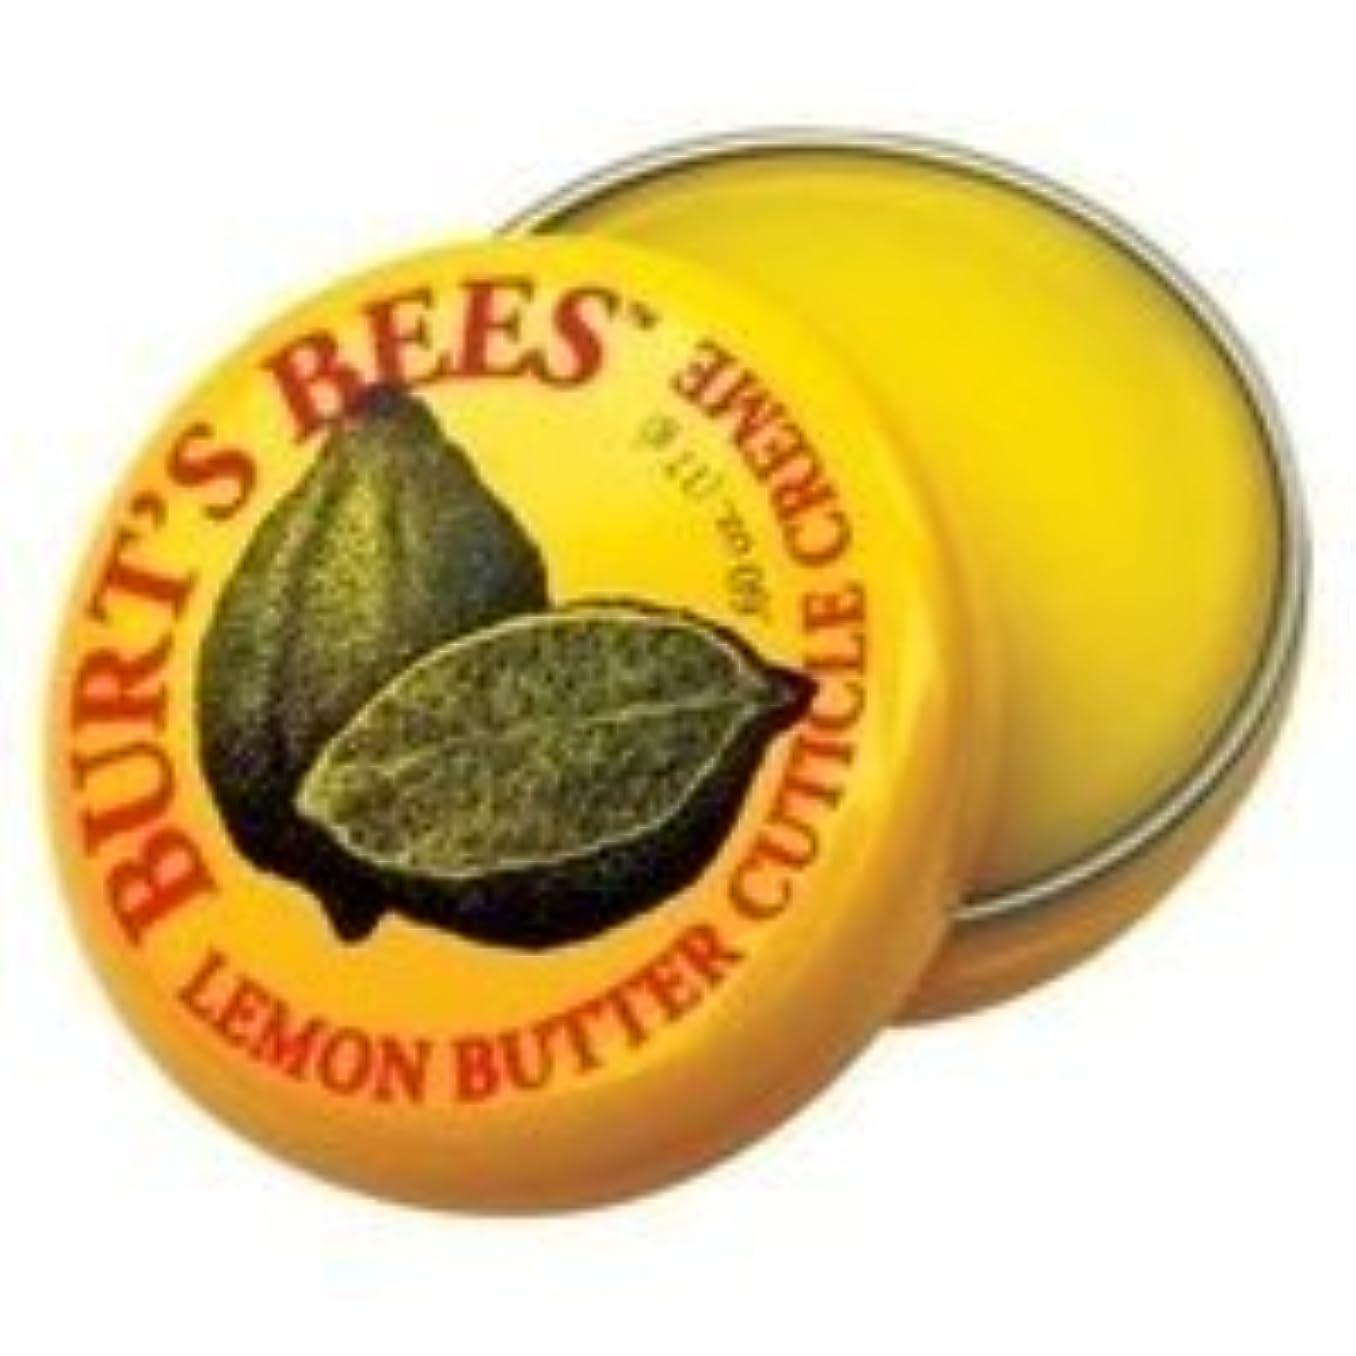 増幅吐く起業家バーツビー(バーツビーズ) レモンバターキューティクルクリーム 17g 2個セット